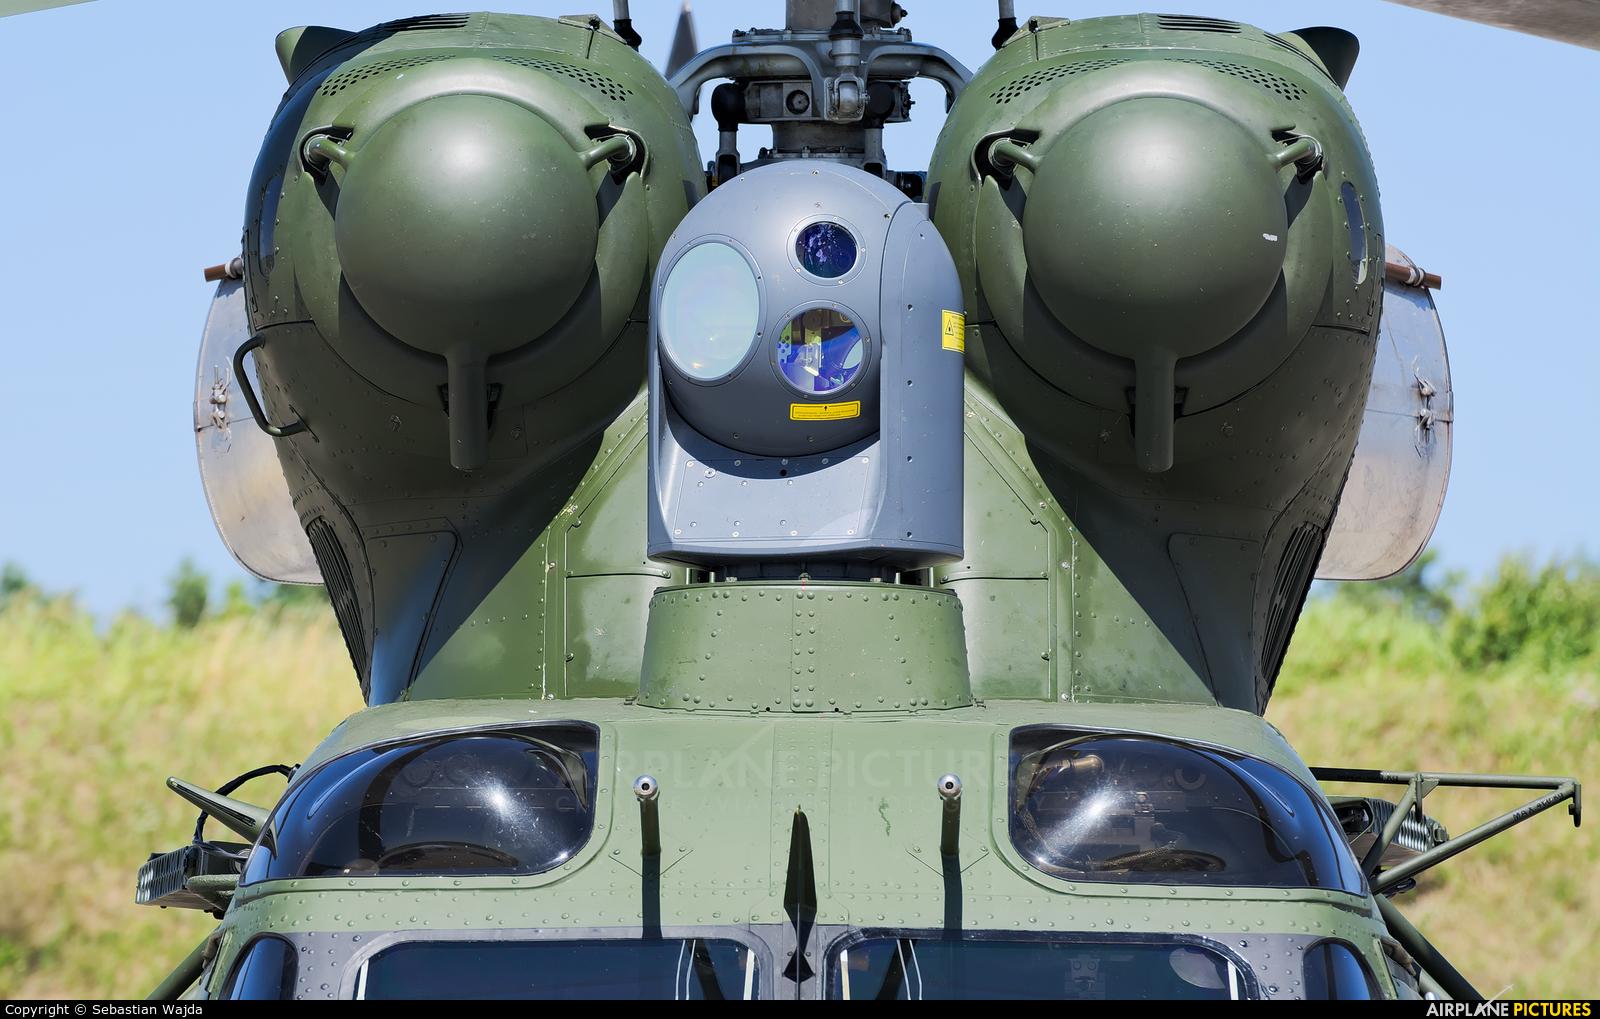 Poland - Army 0601 aircraft at Świdwin